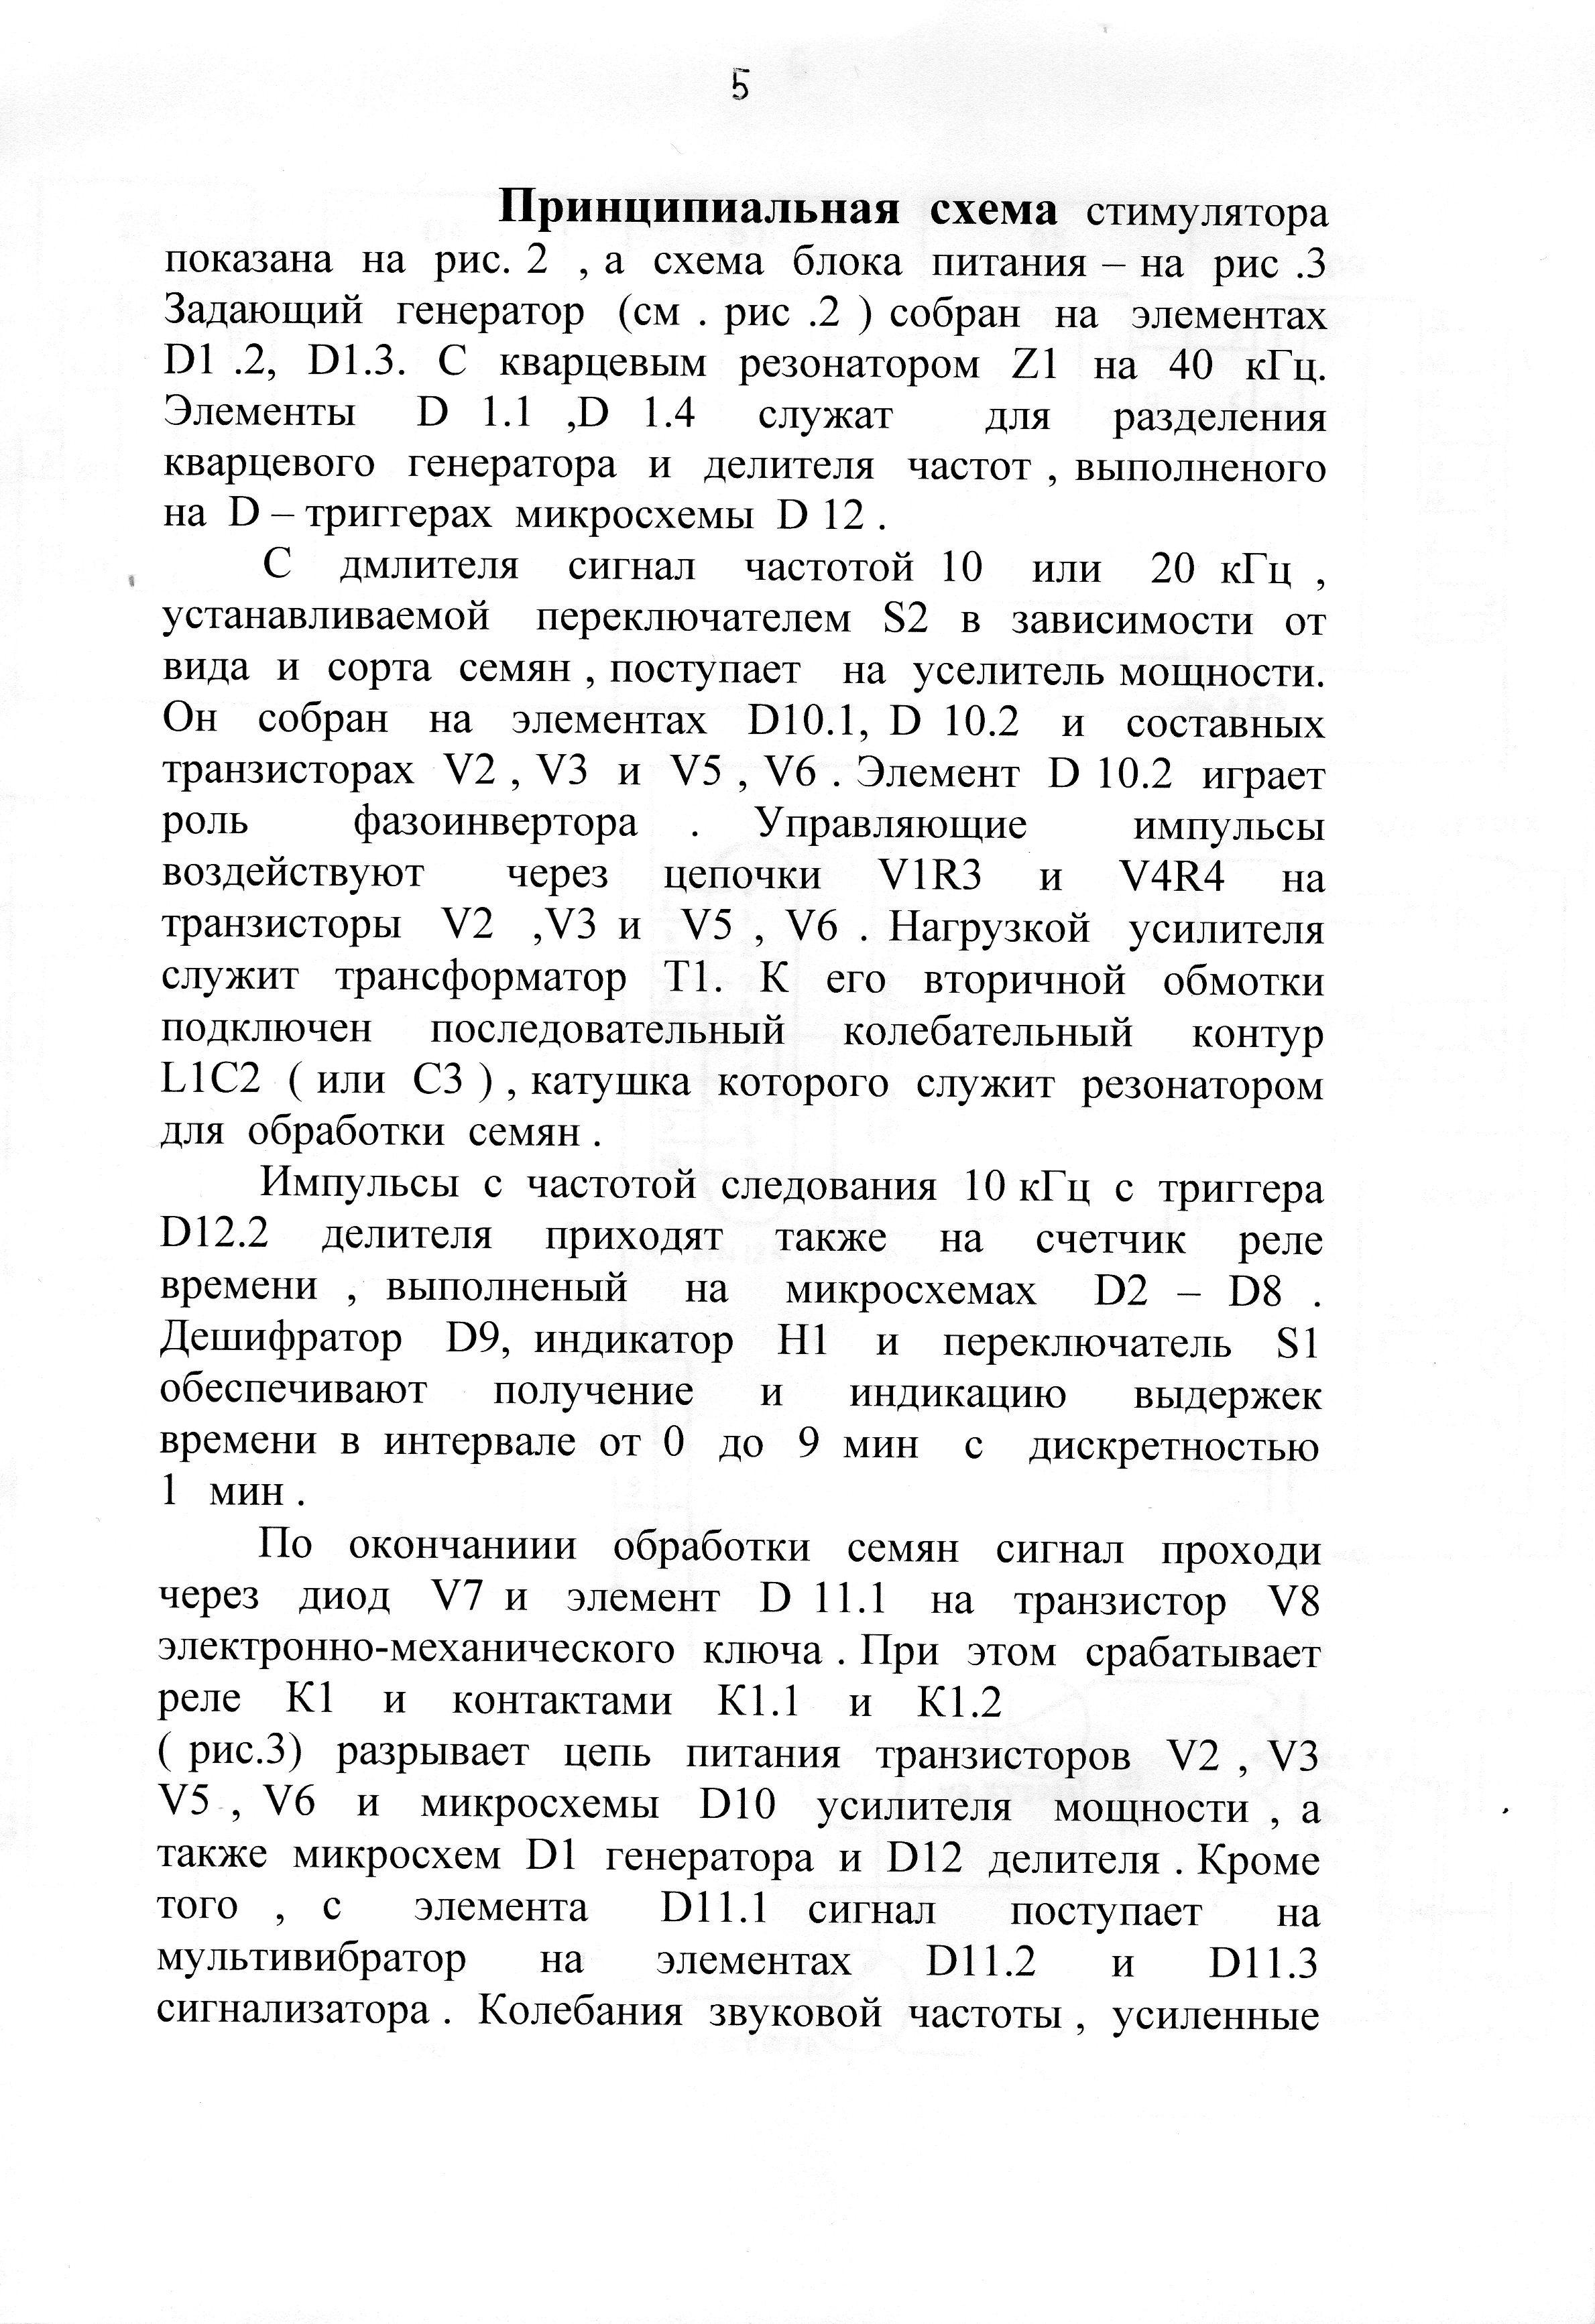 D:\Documents and Settings\СЕРГЕЙ\Мои документы\Мои рисунки\img731.jpg